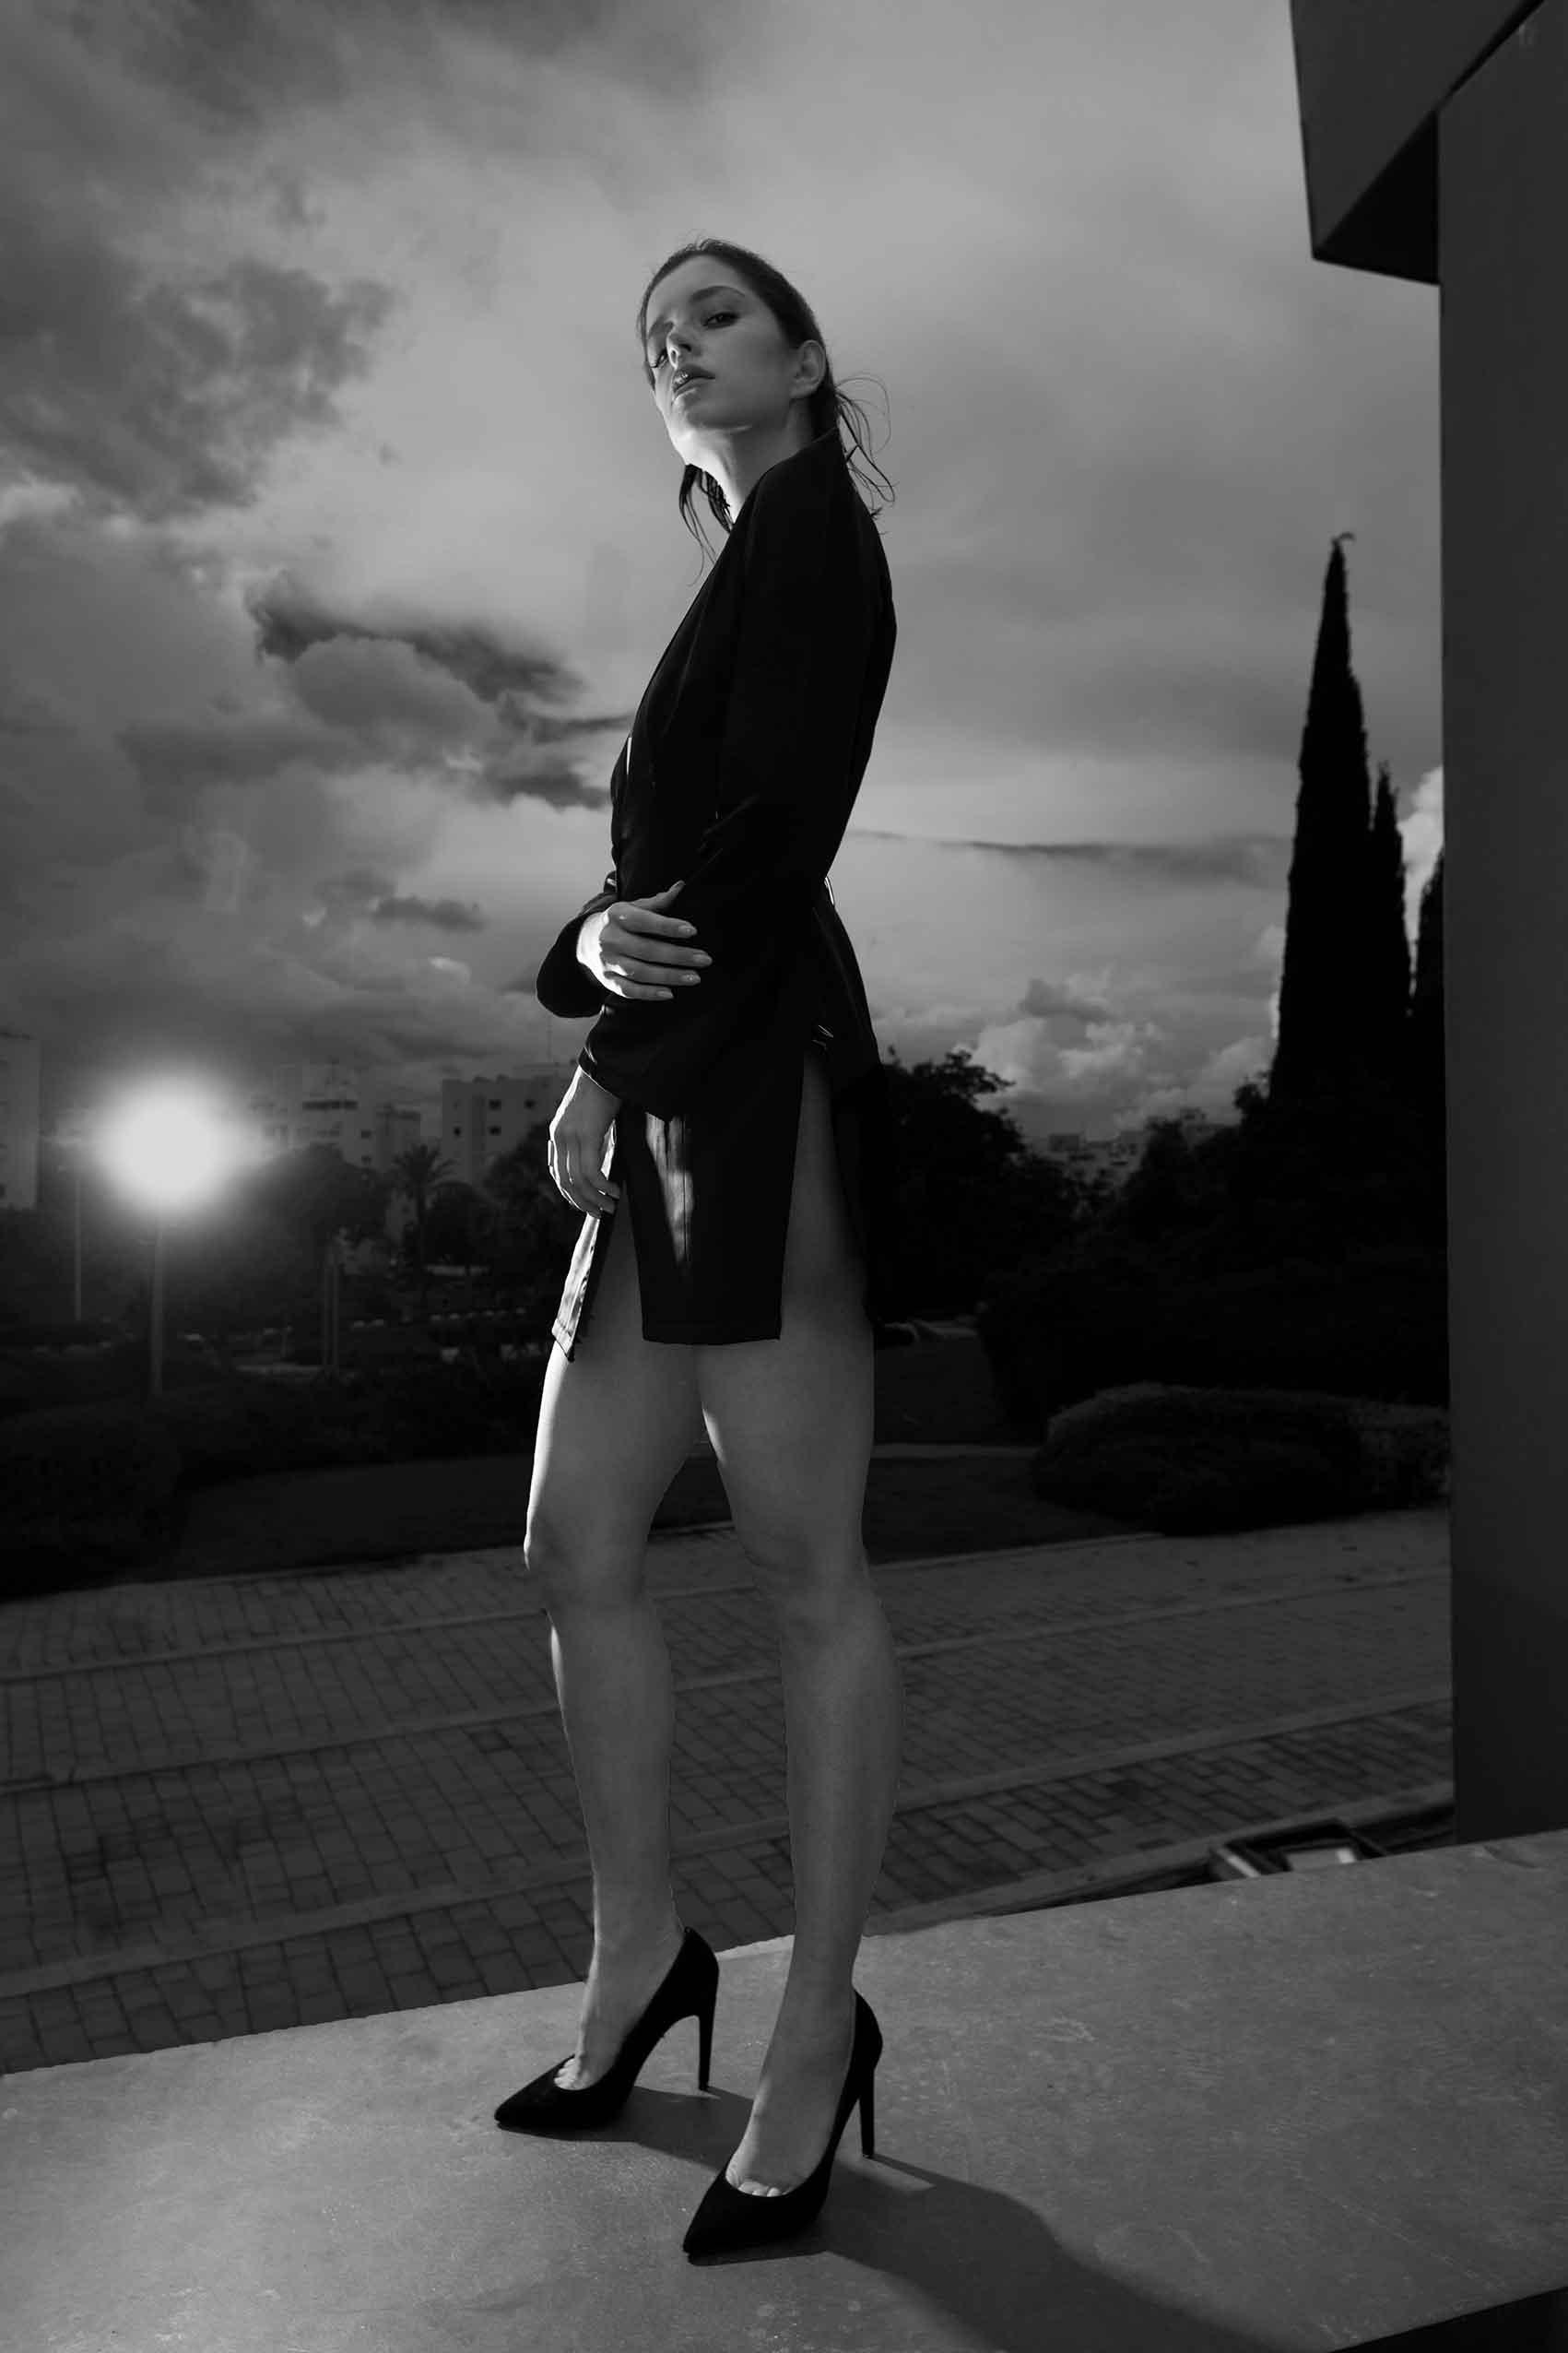 מאשה-גילדר-מגזין-אופנה-שגב-אורלב-אופנה-ישראלית